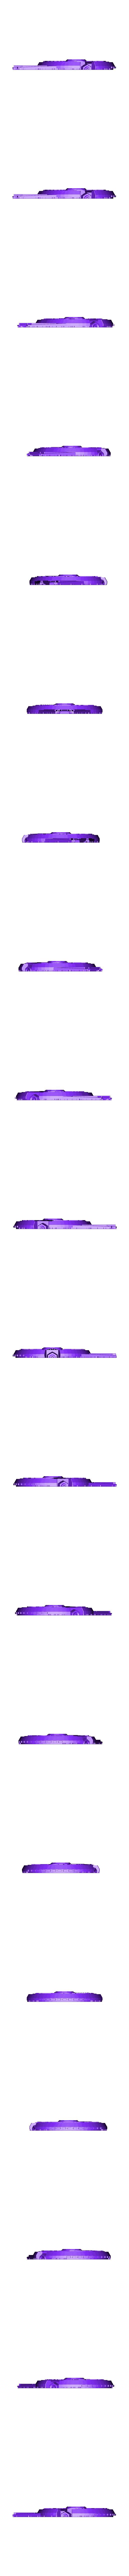 MILLENNIUM-FAUCON-DESSOUS.STL Télécharger fichier STL FAUCON MILLENNIUM • Design imprimable en 3D, PLP